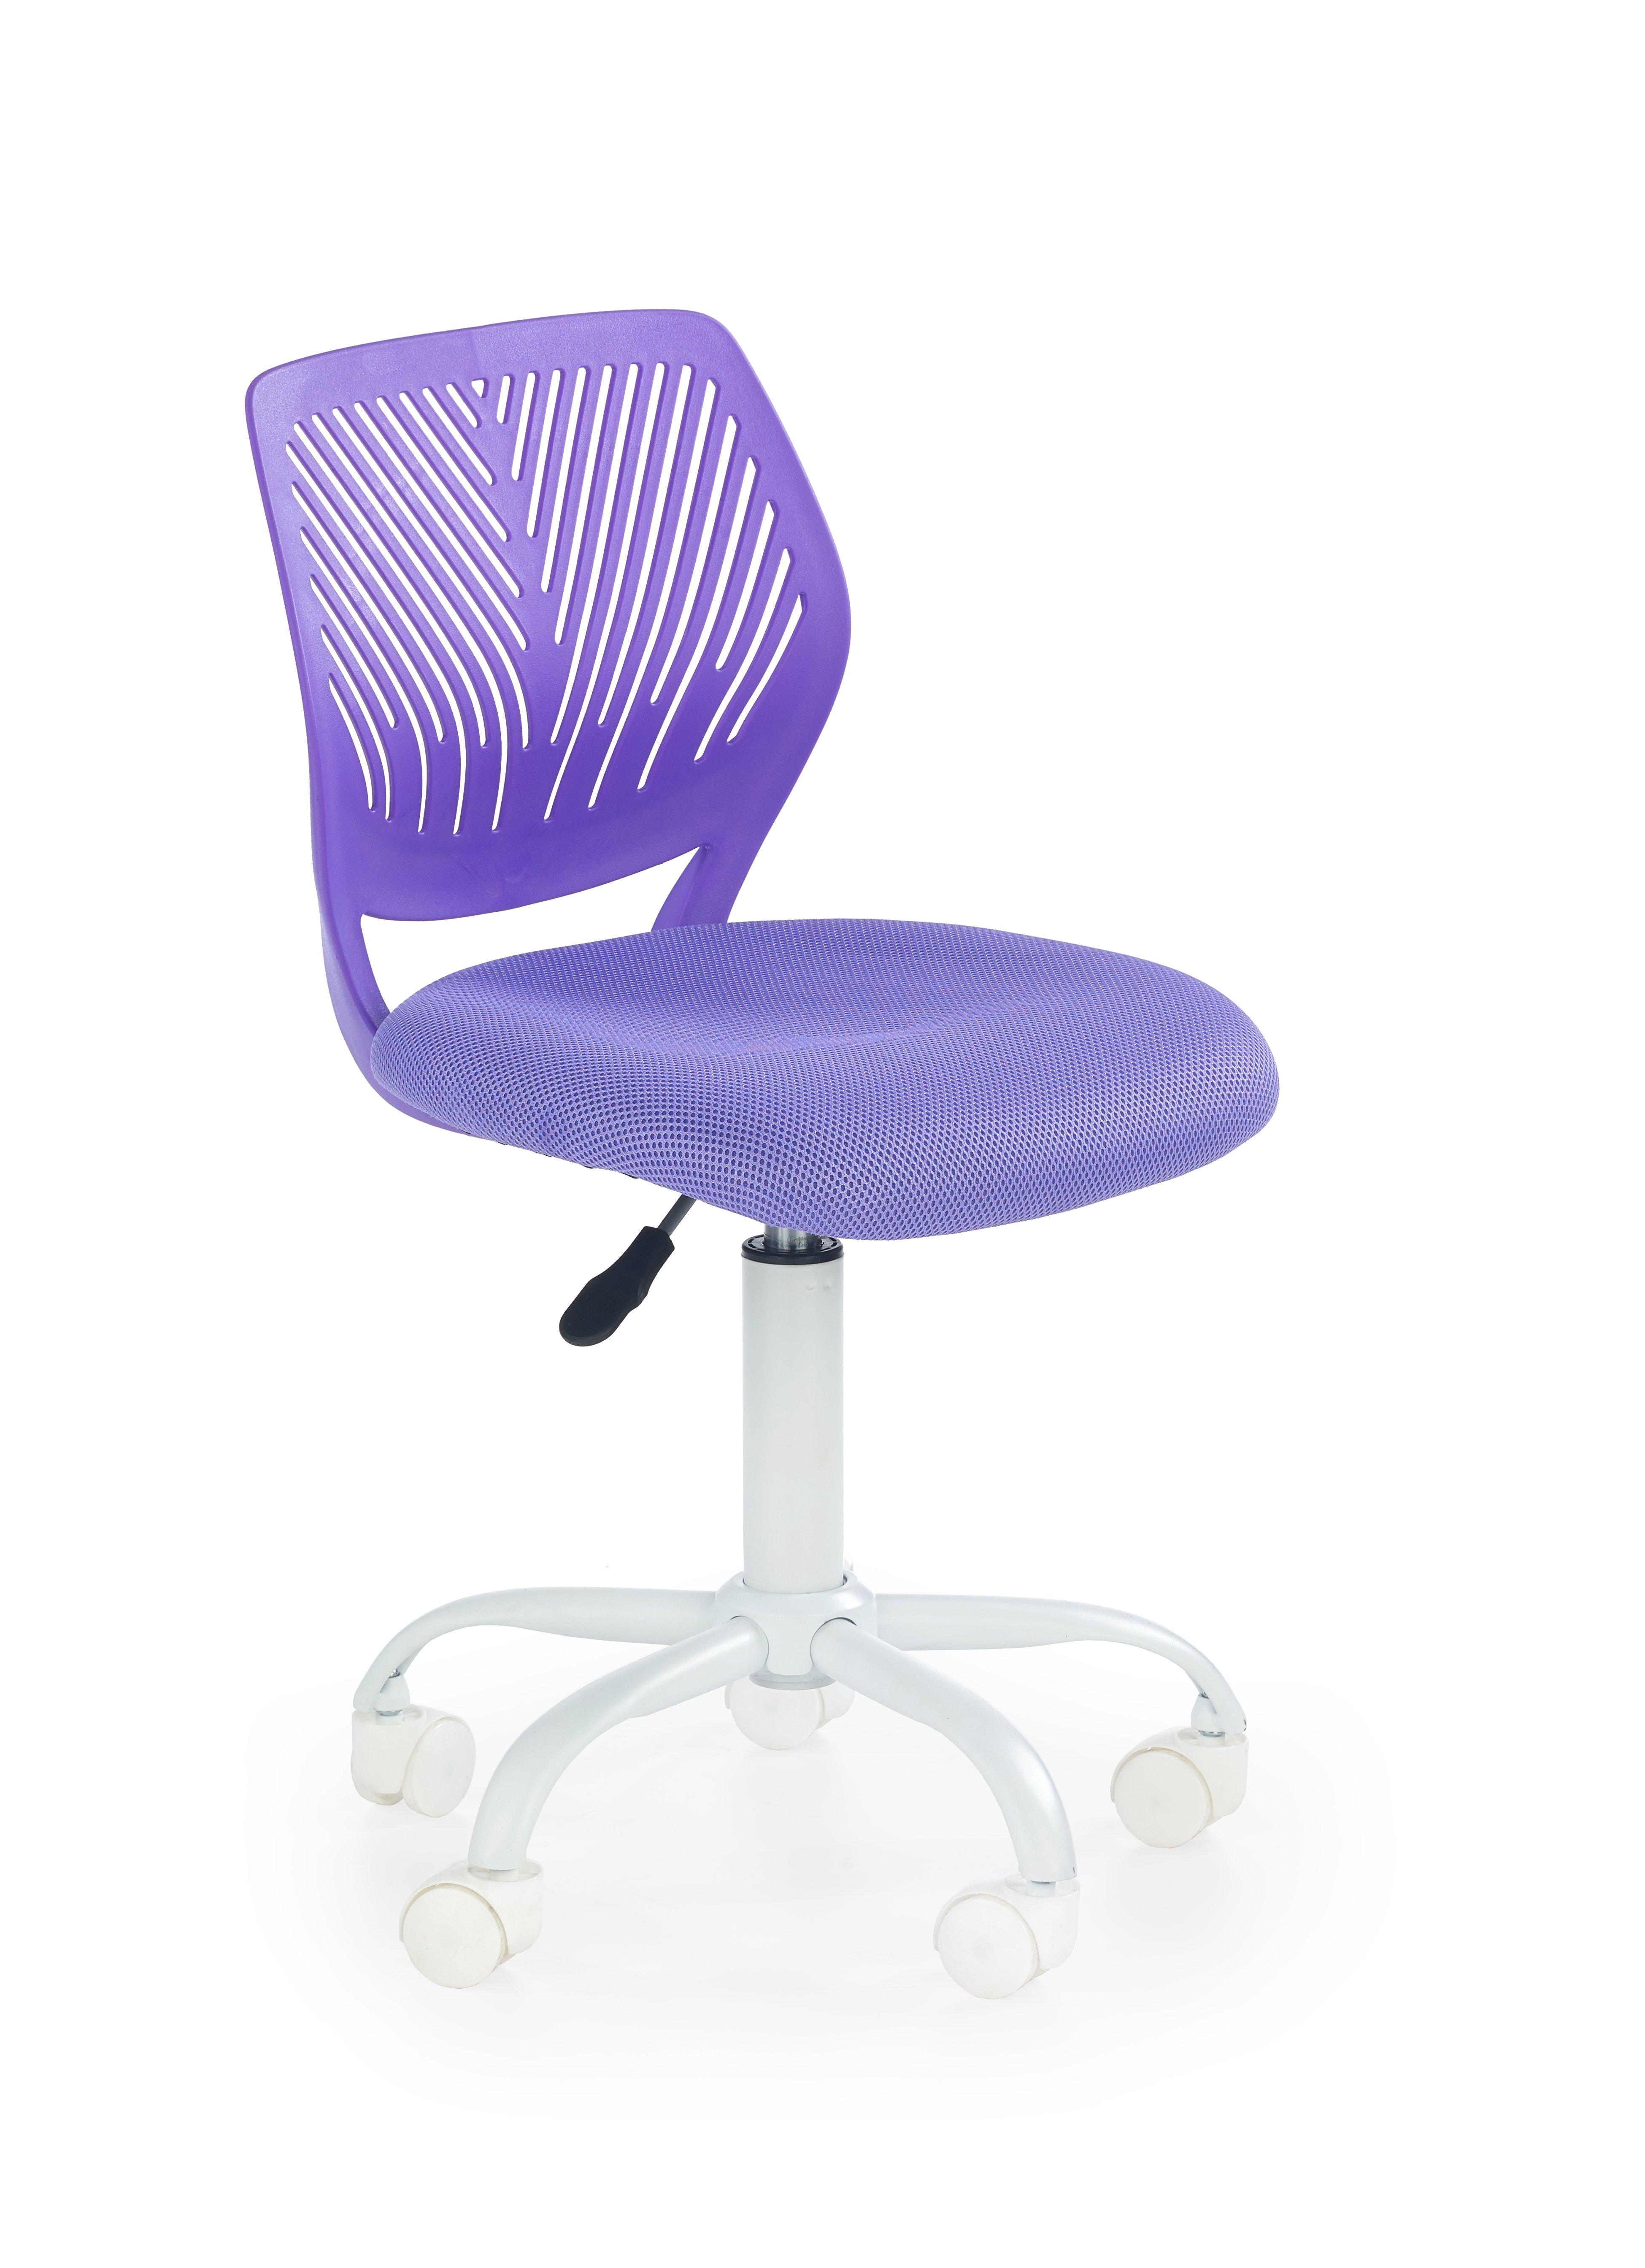 BALI 2 detská stolička fialová